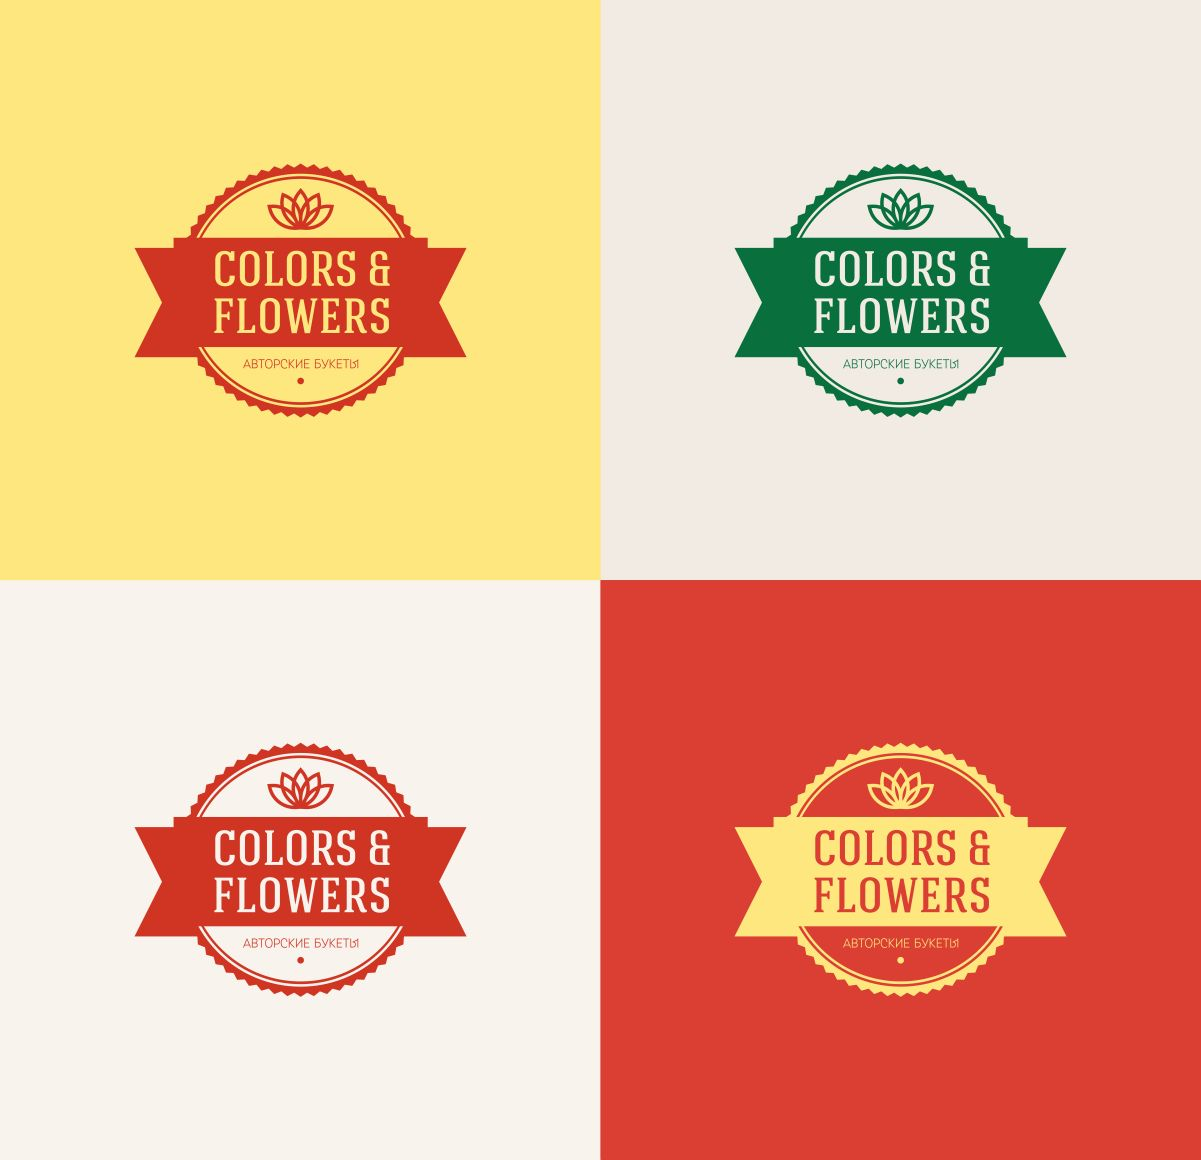 Colors & Flowers Логотип и фирменный стиль - дизайнер TVdesign